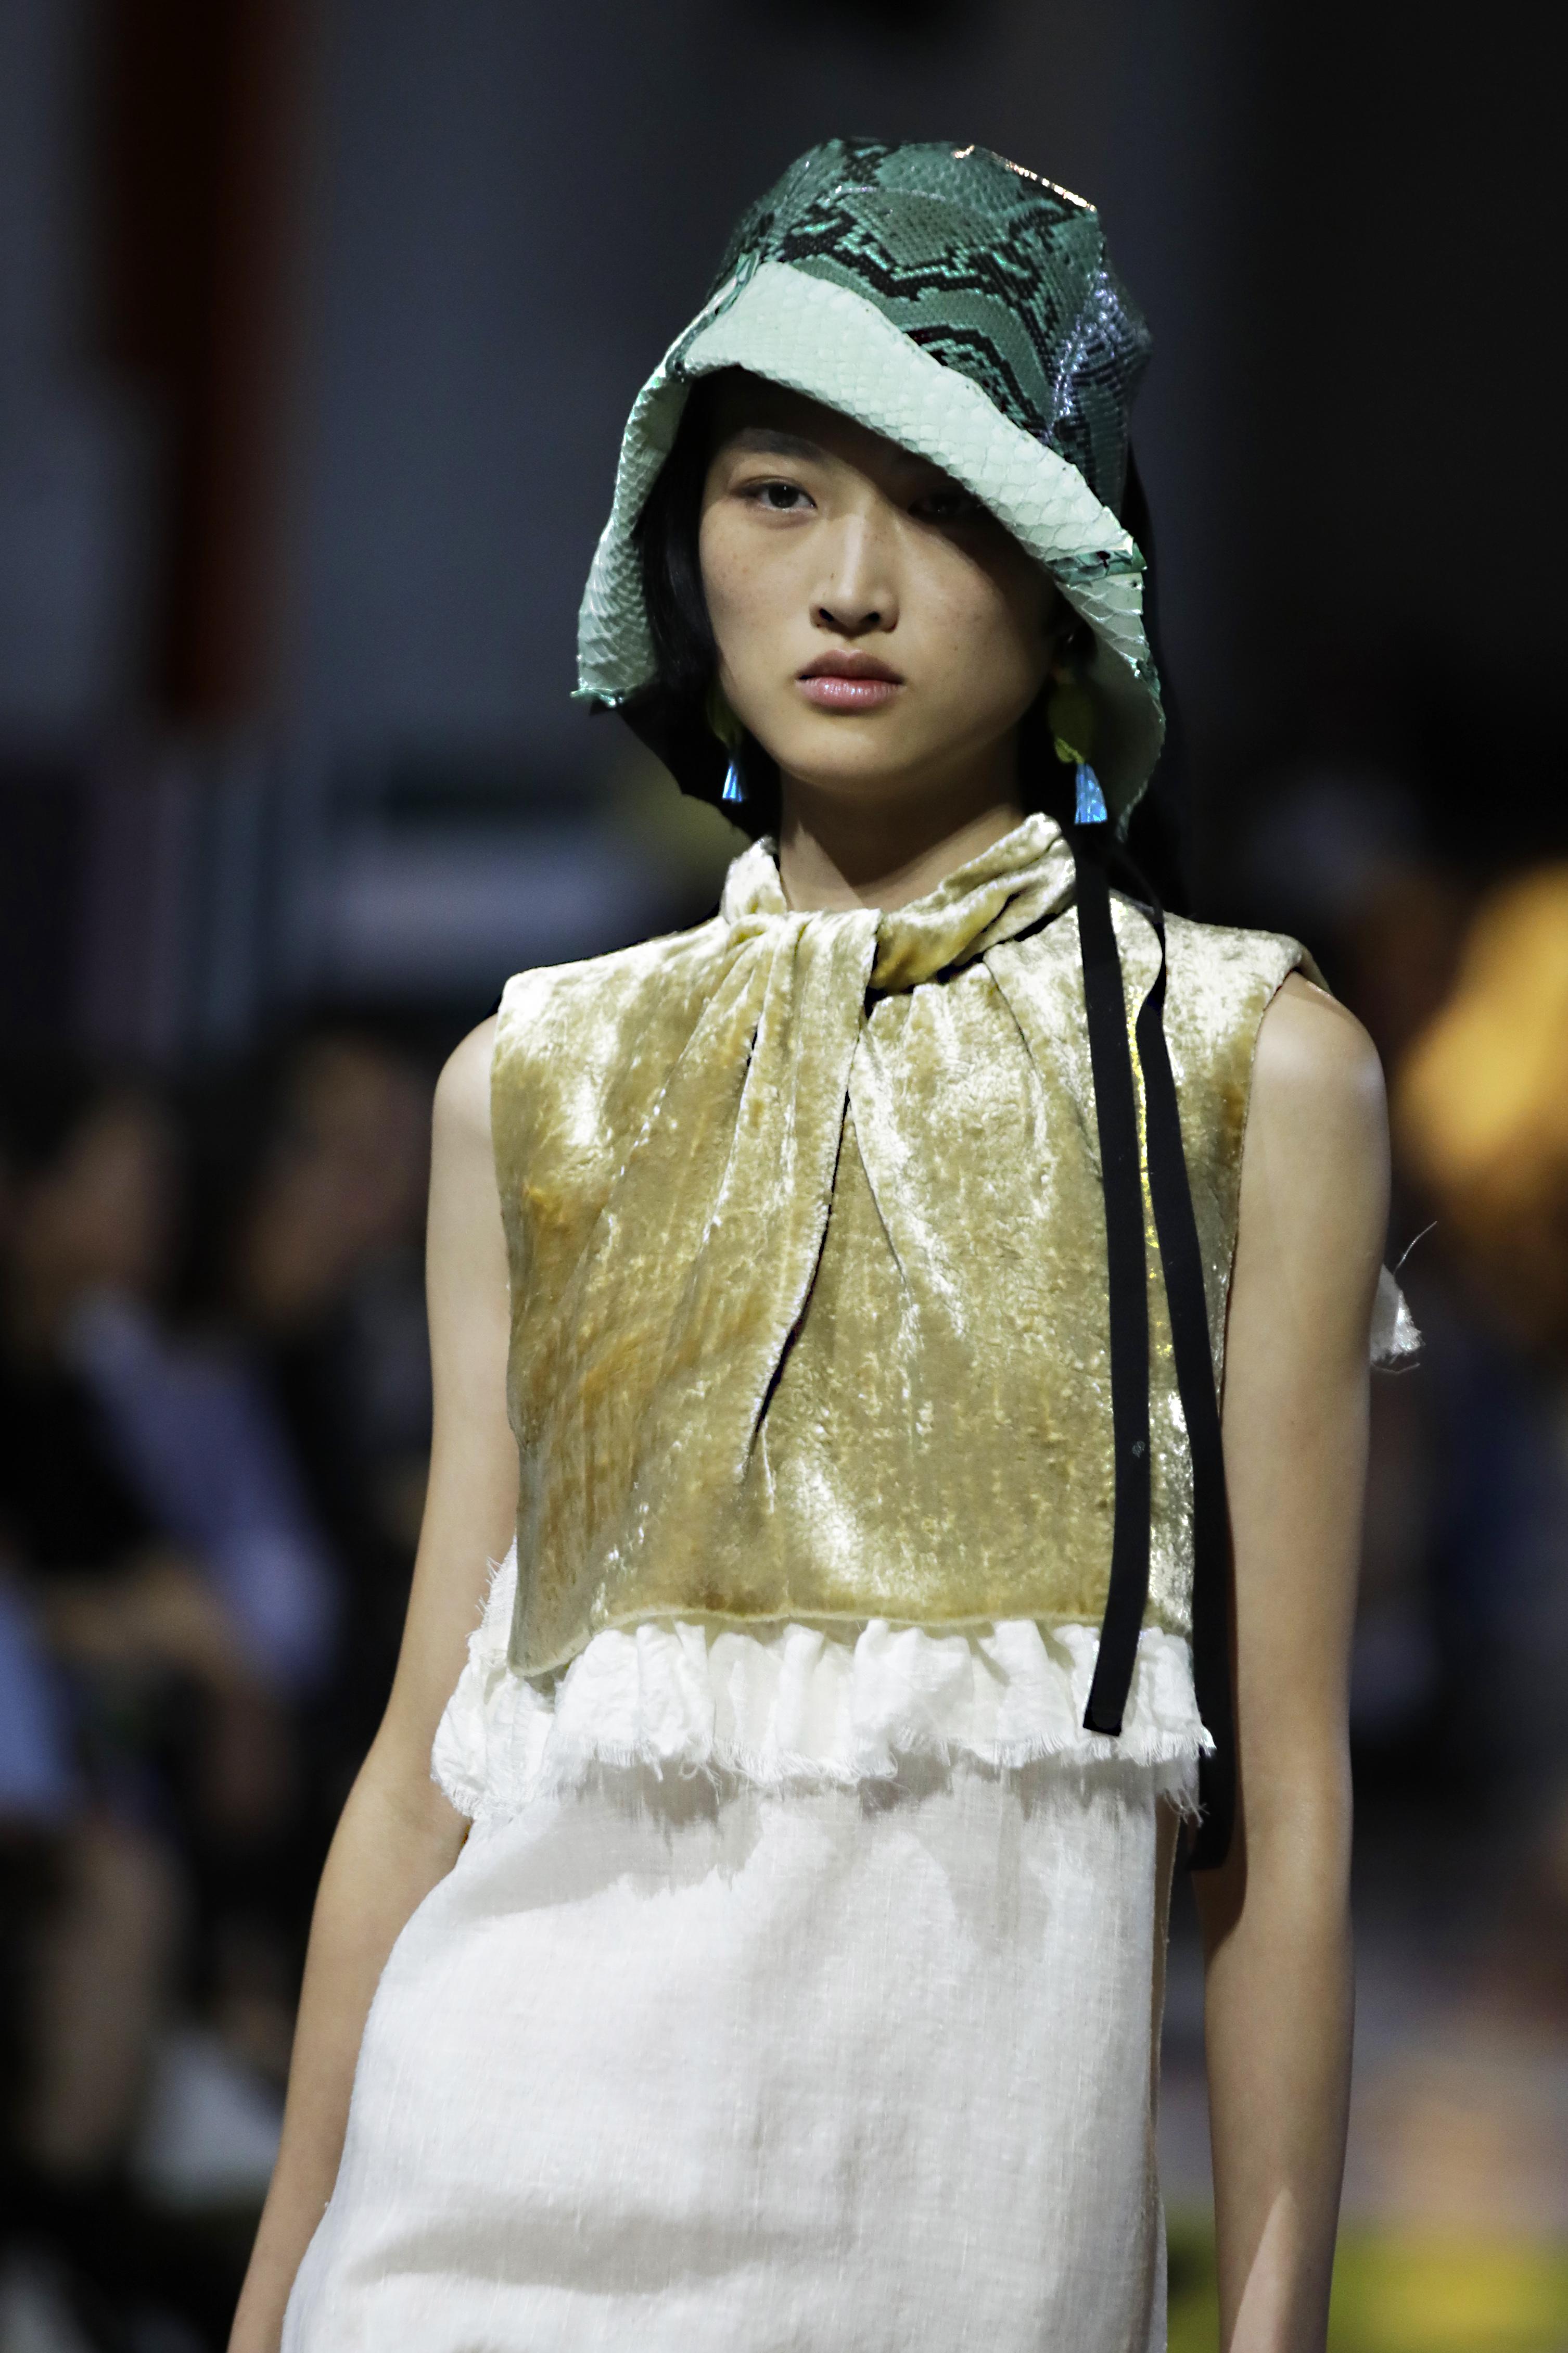 La colección contó con prendas y tejidos versátiles que sirven para muchas personalidades. (AP)